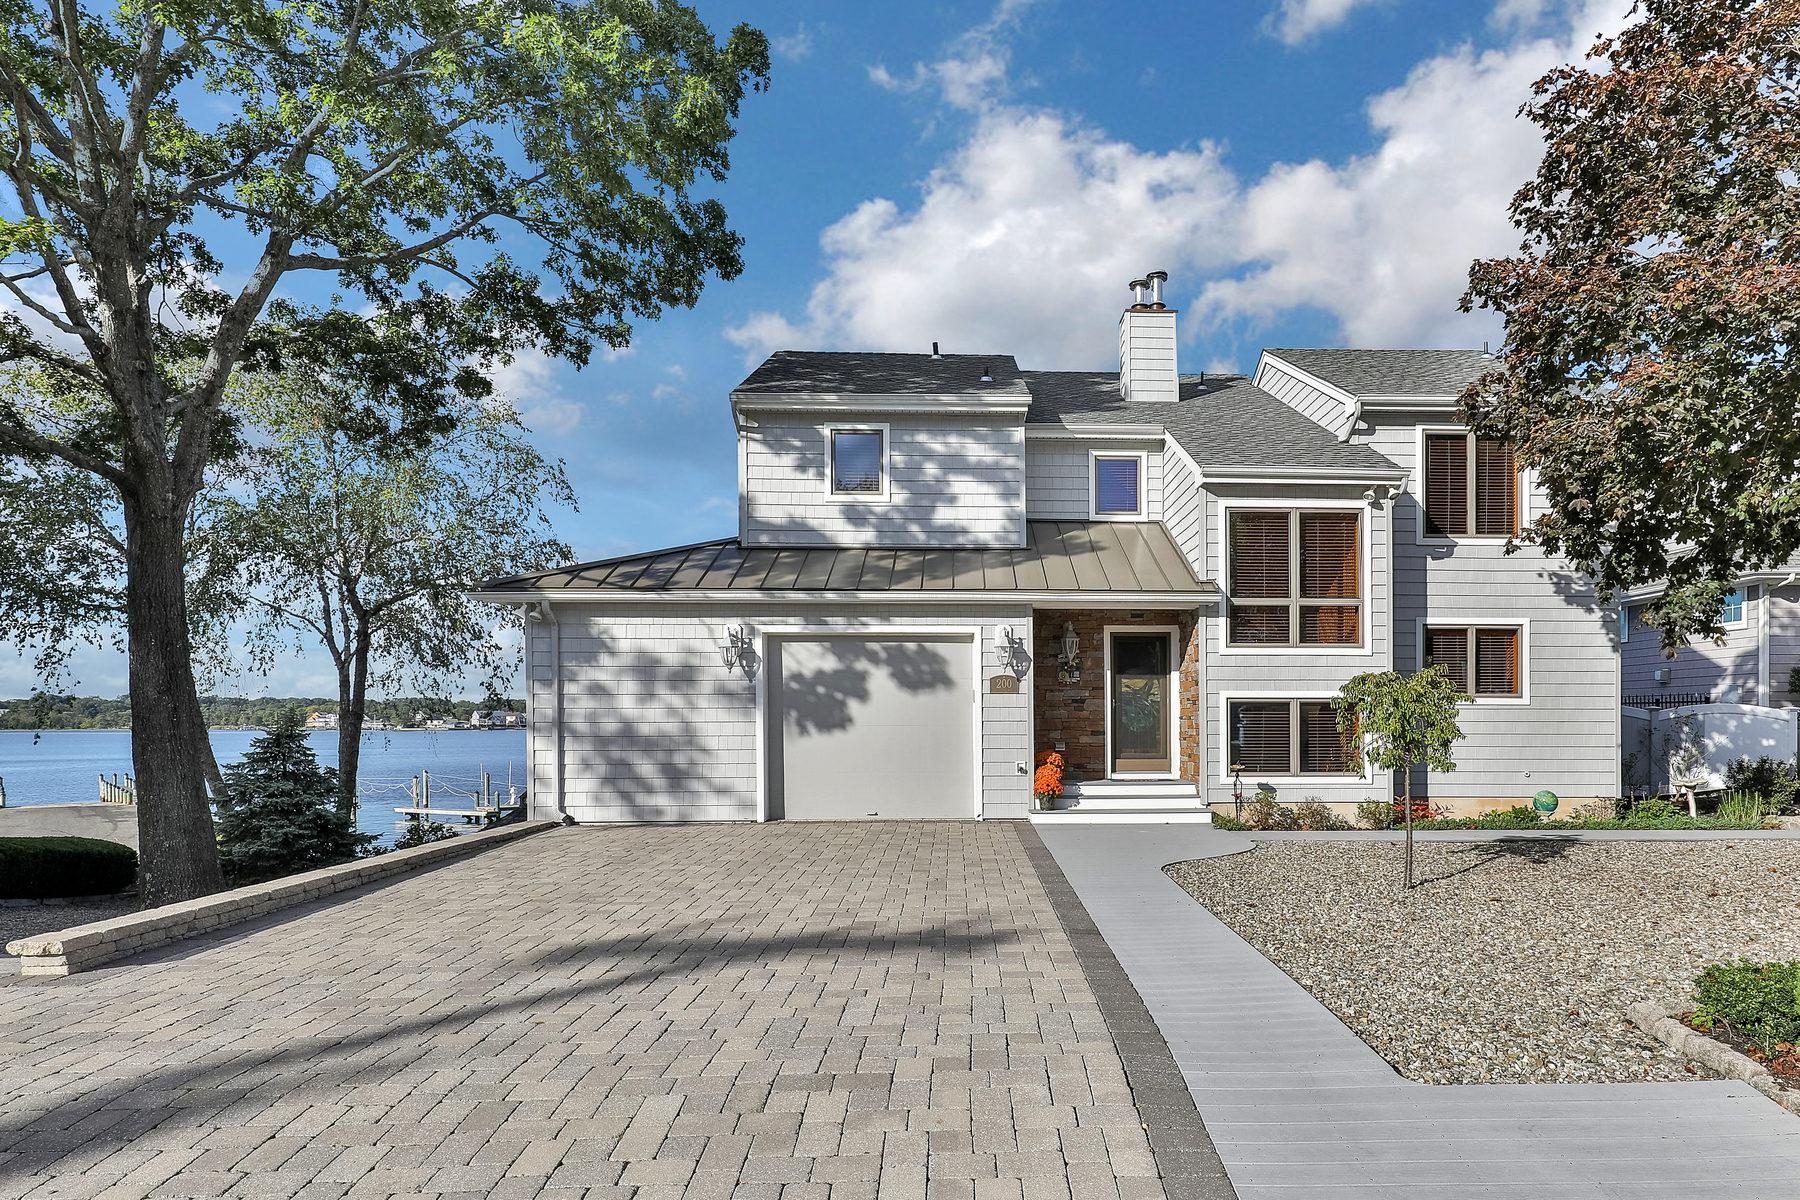 独户住宅 为 销售 在 One Of A Kind Riverfront Home 200 Prospect Avenue Pine Beach, 新泽西州 08741 美国